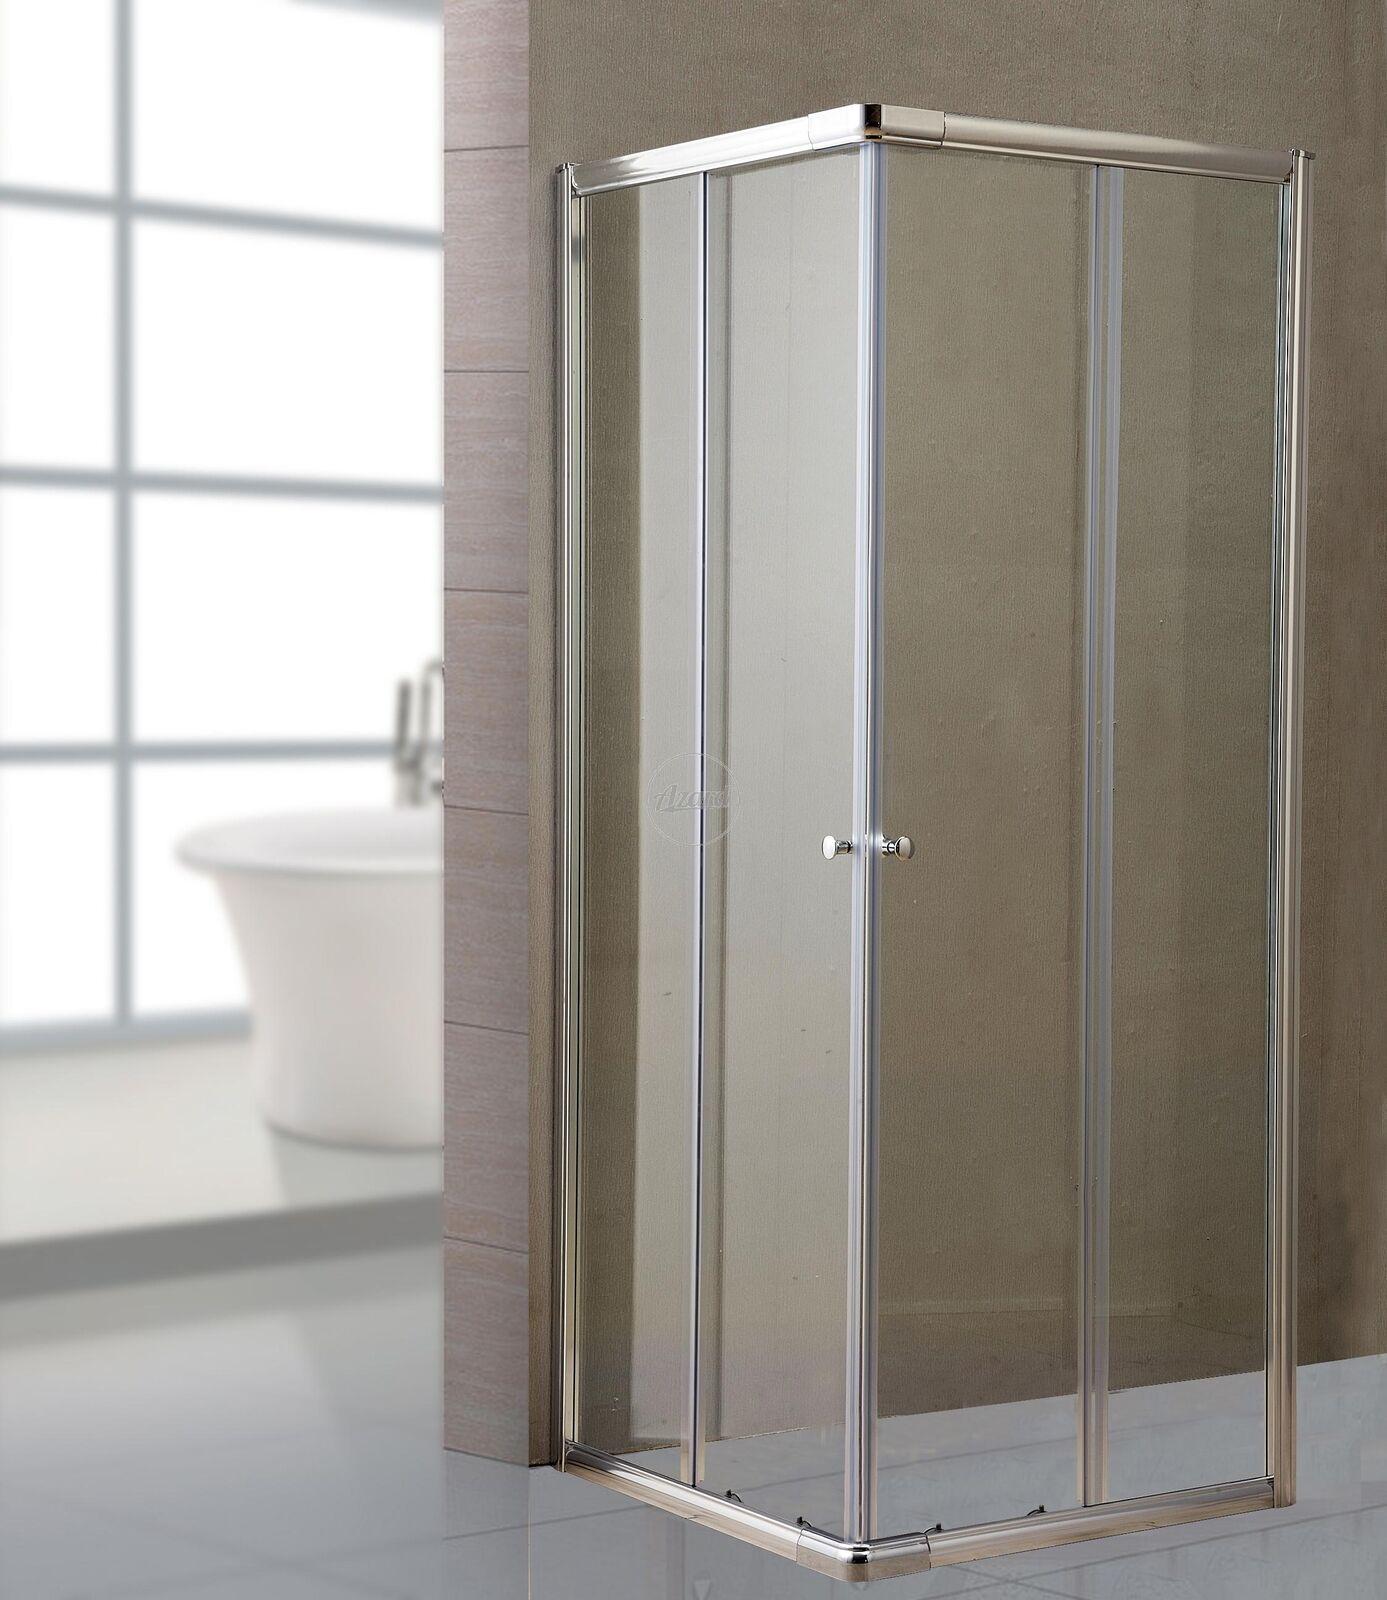 Box doccia cristallo trasparente mm.6cm.70x70 lusso h. 185 cm